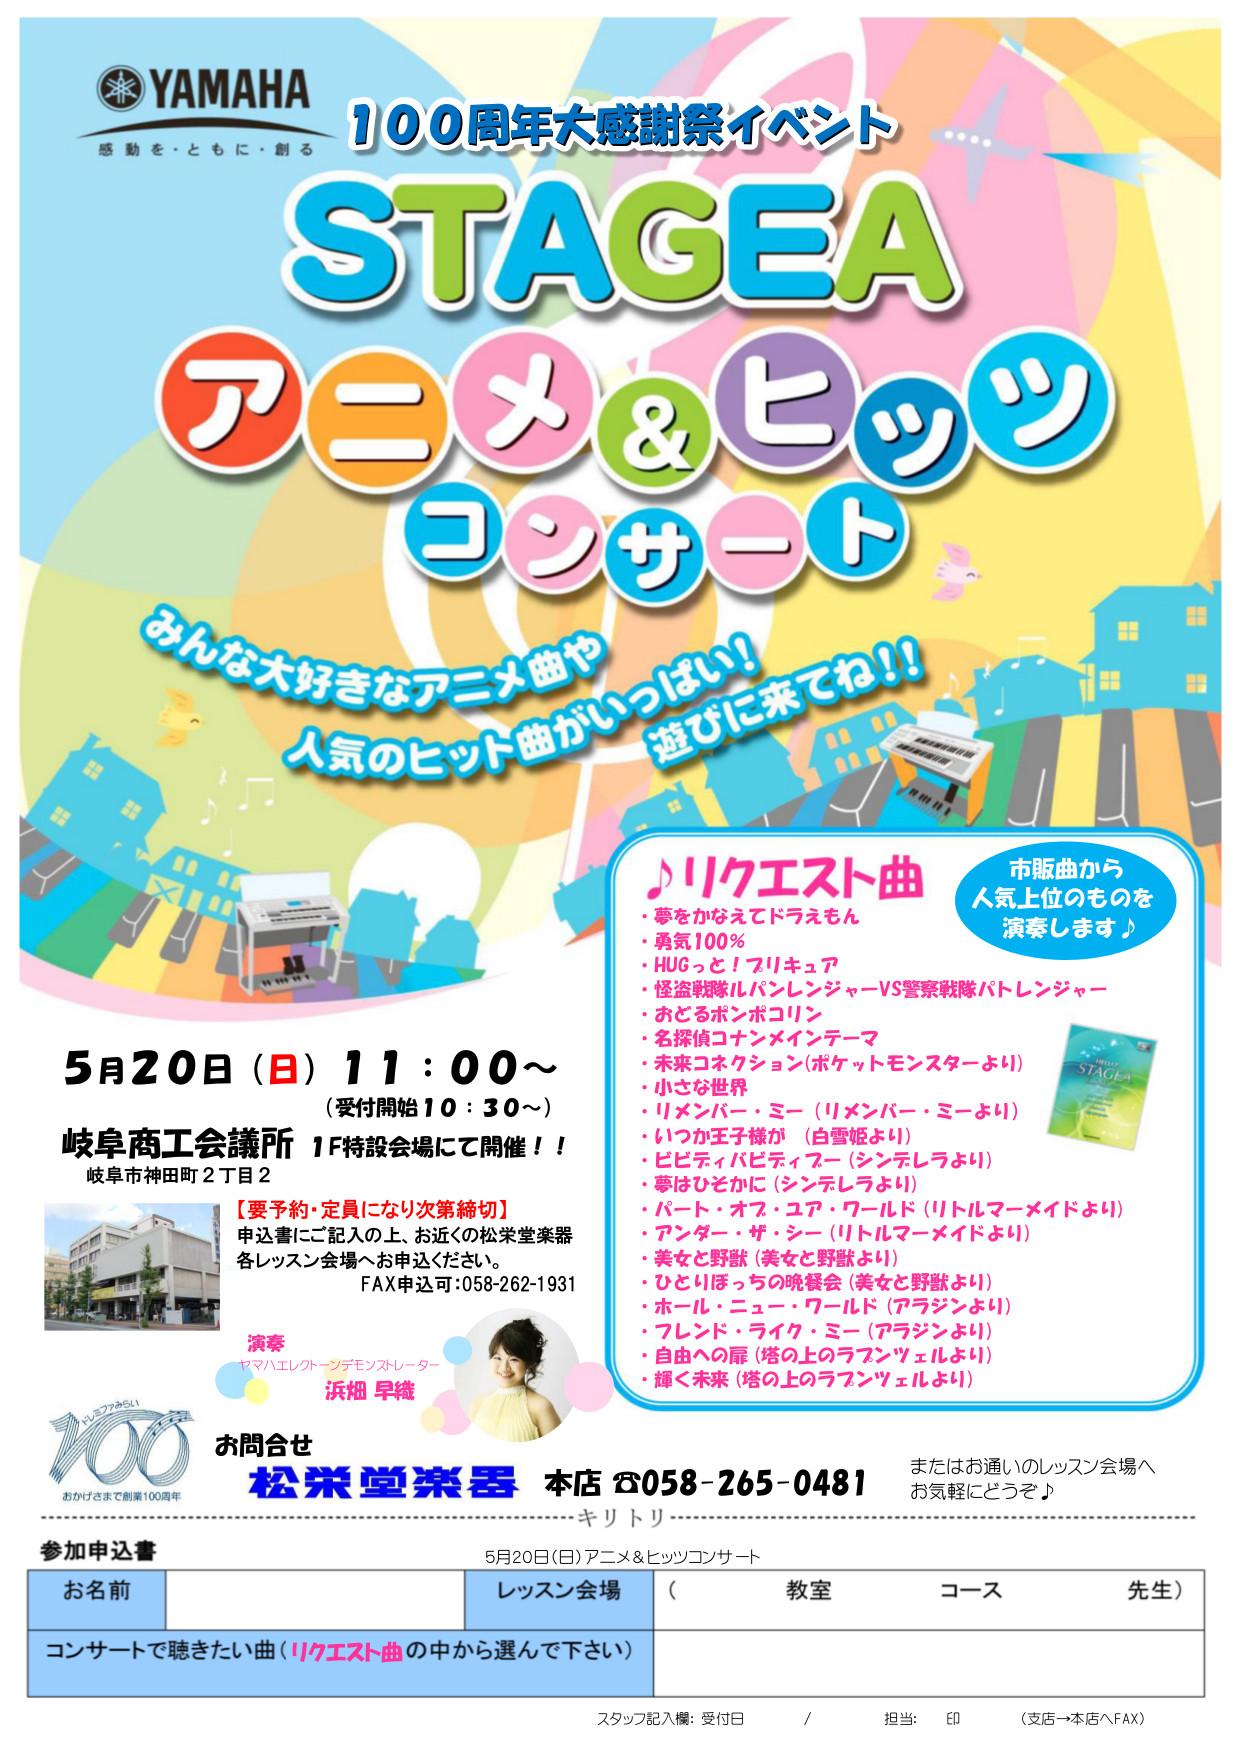 STAGEAアニメ&ヒッツコンサート